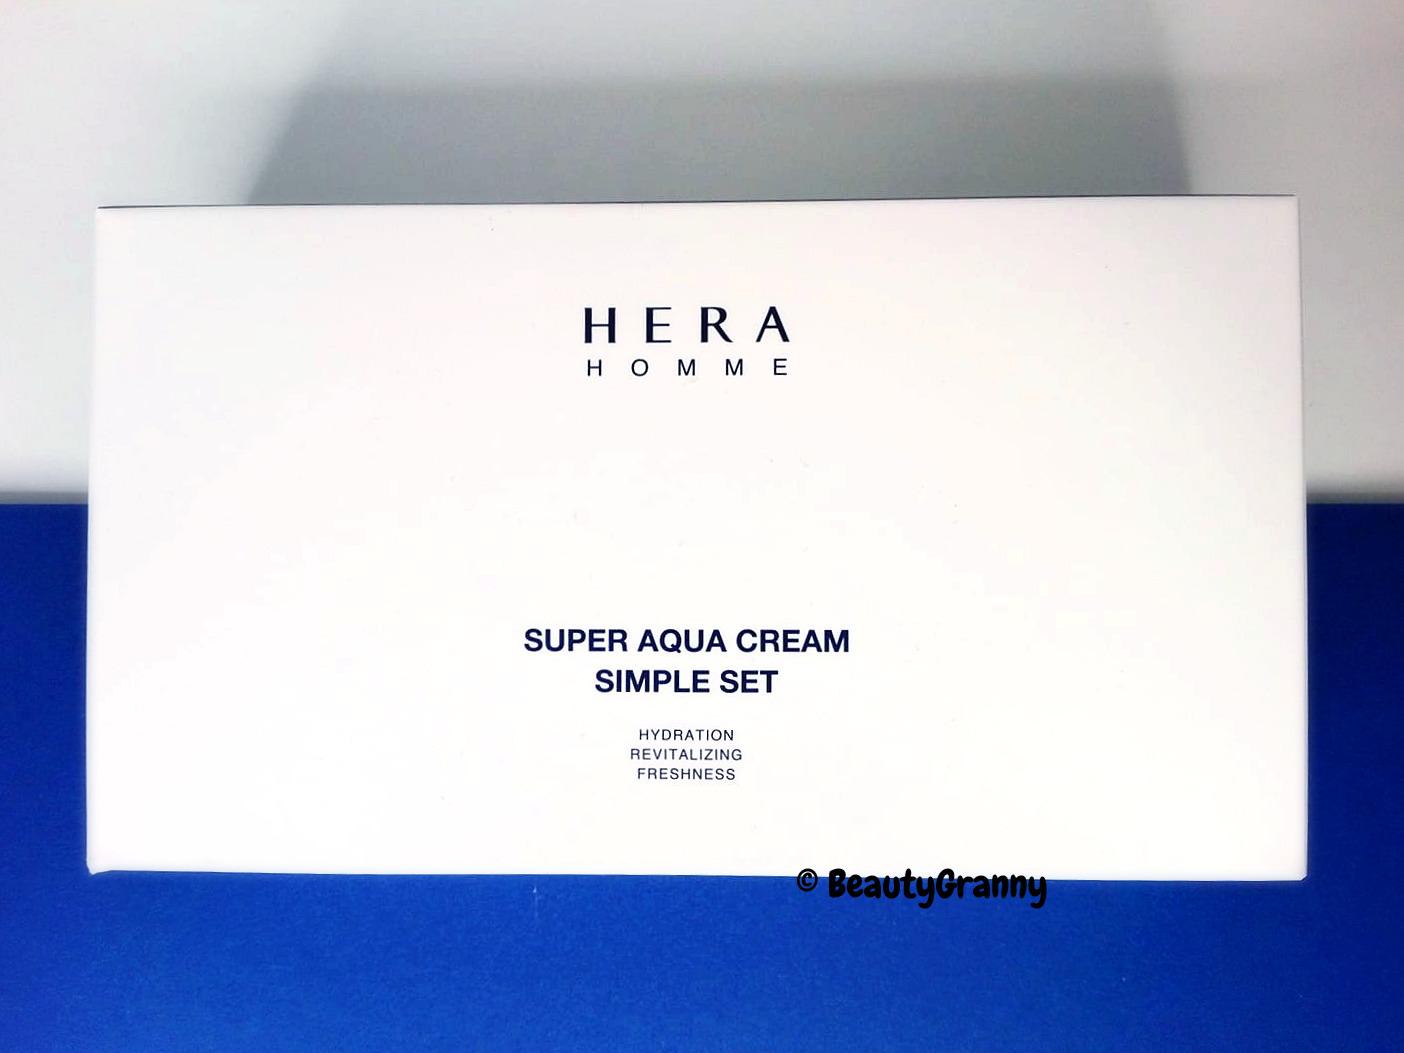 HERA Homme Super Aqua отзыв